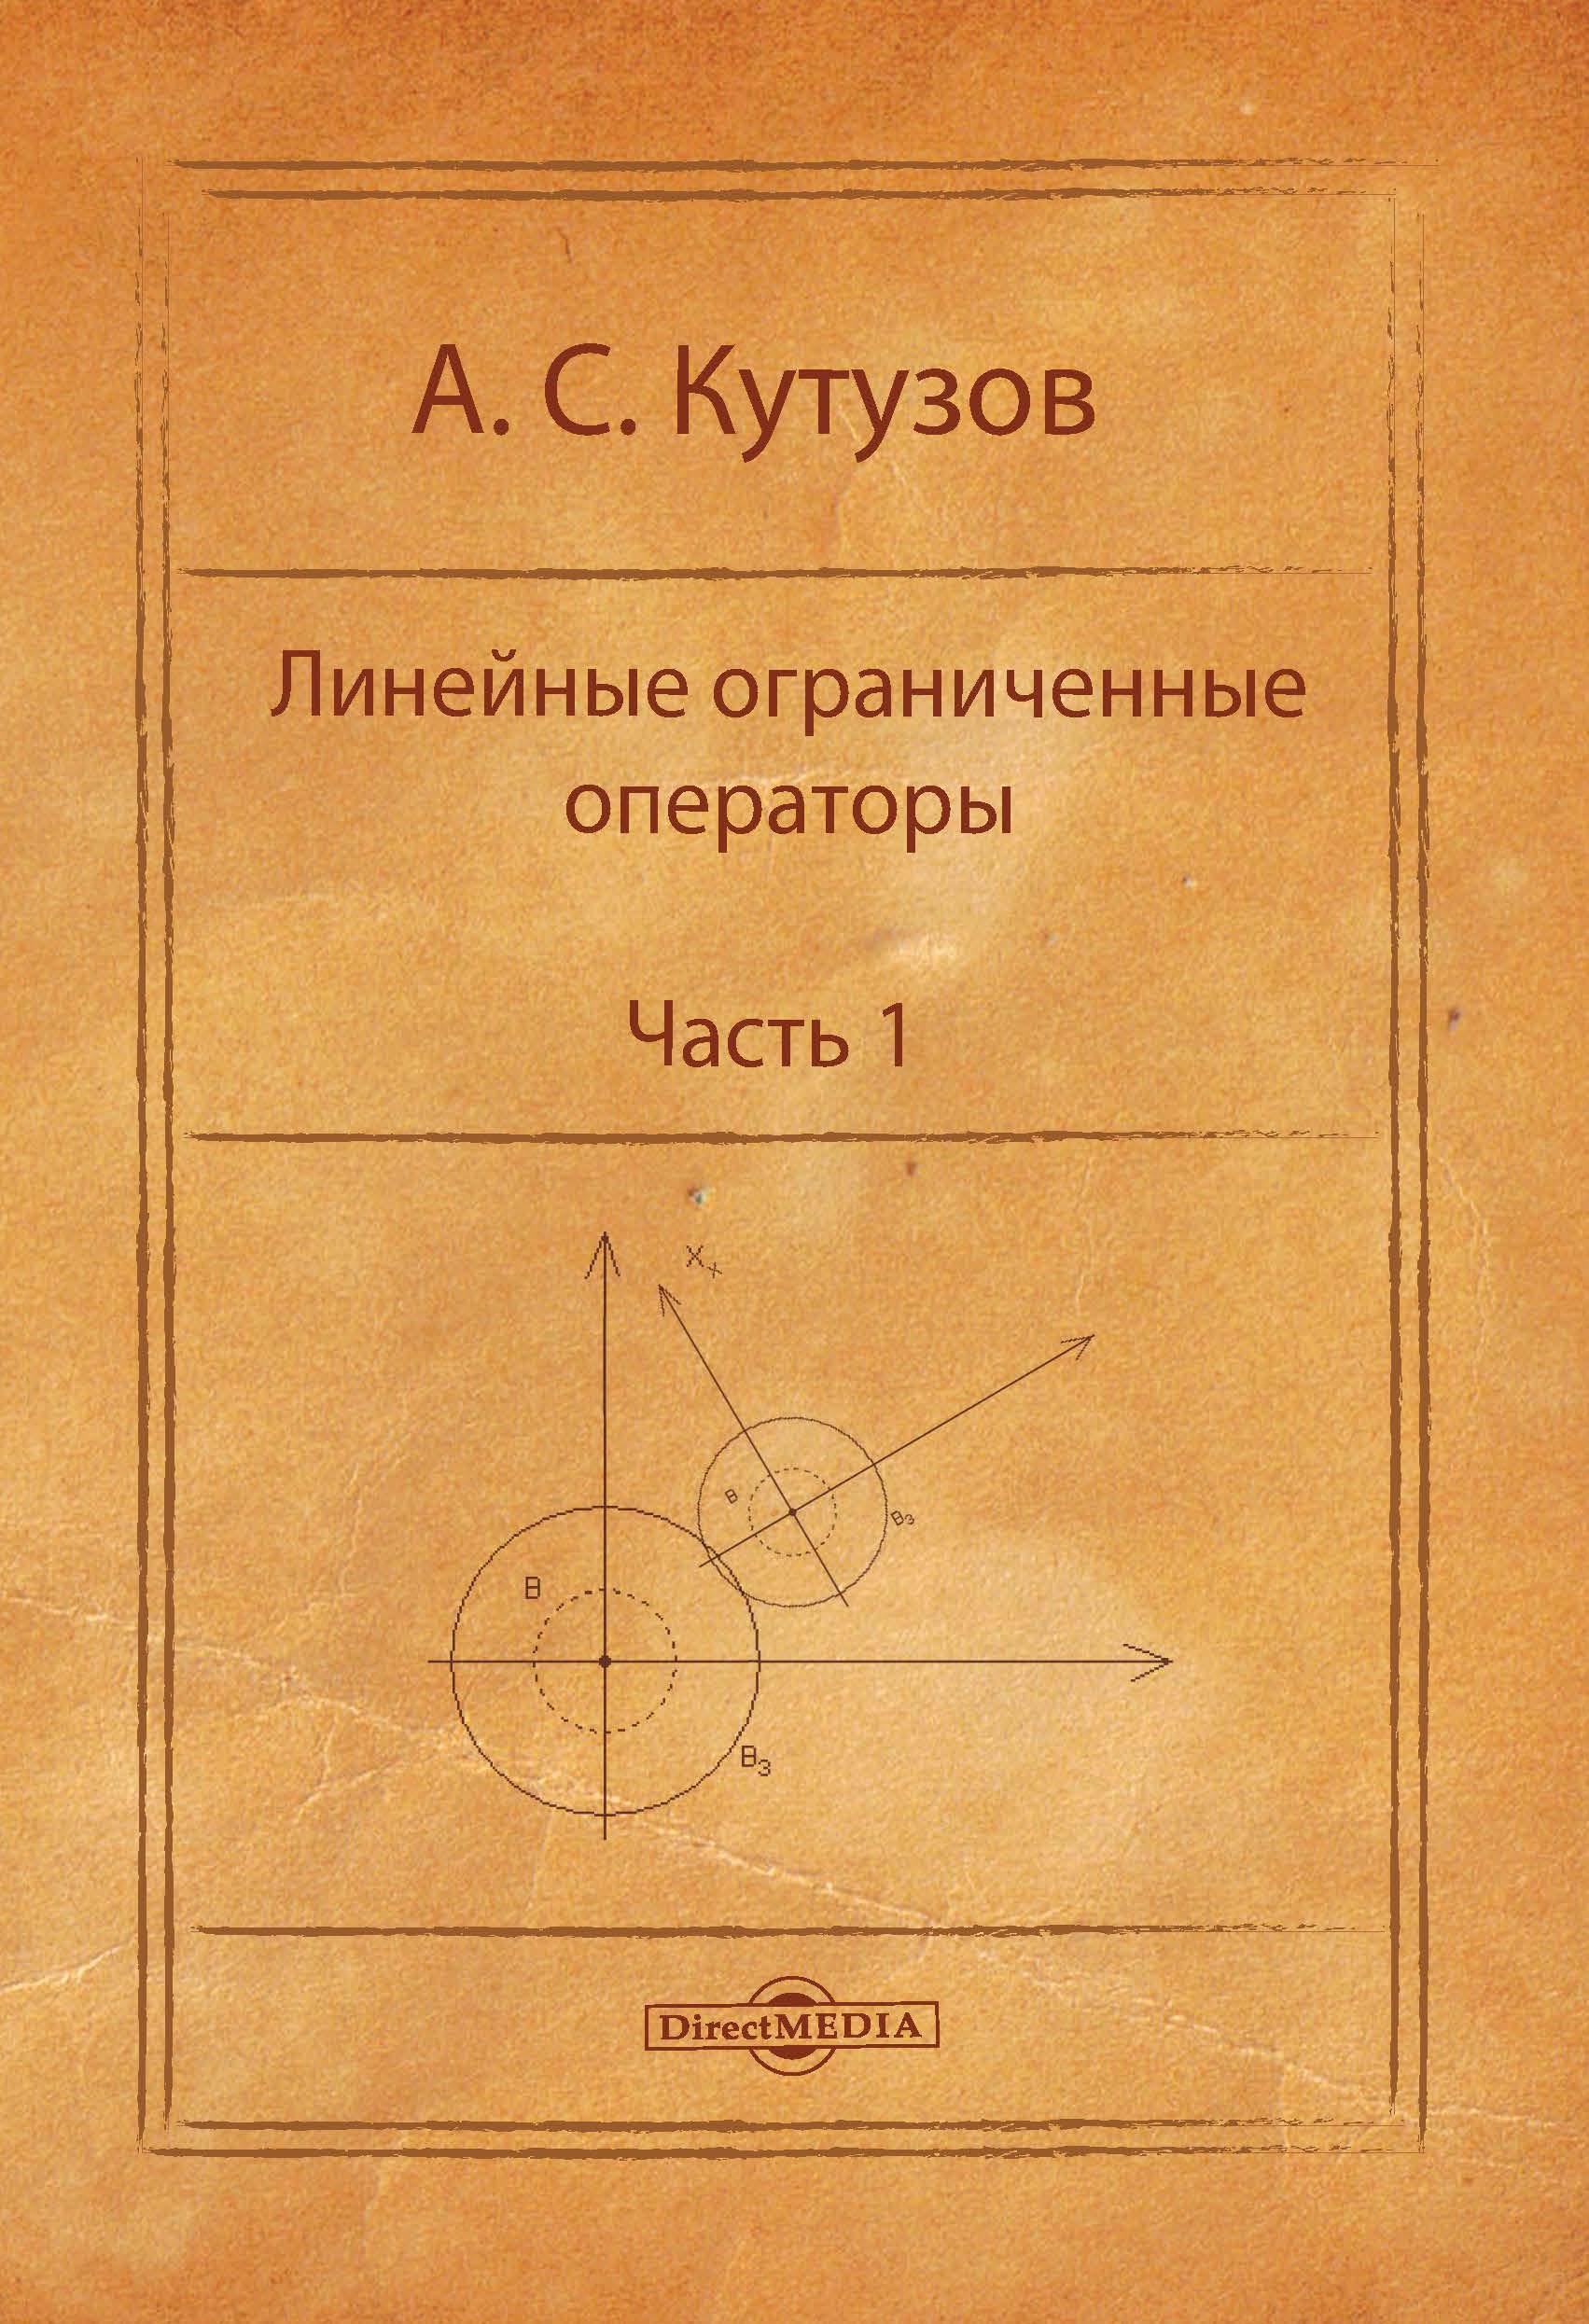 Антон Кутузов Линейные ограниченные операторы. Часть 1 антон кутузов линейные ограниченные операторы часть 1